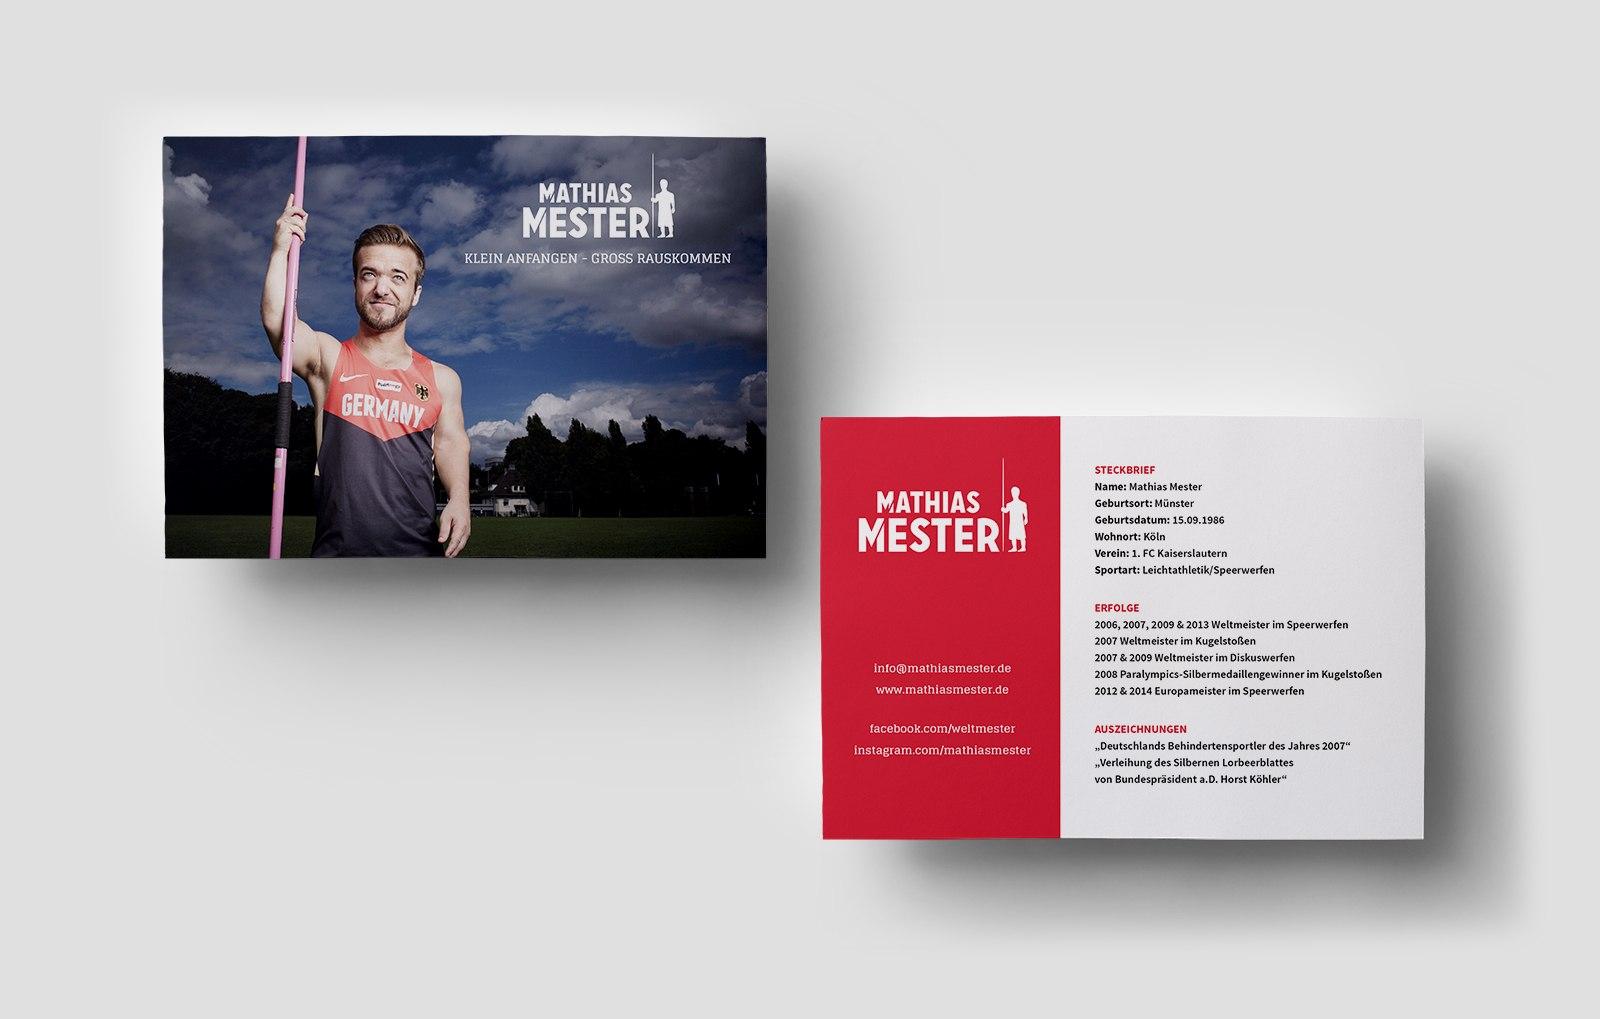 Mathias Mester Autogrammkarten